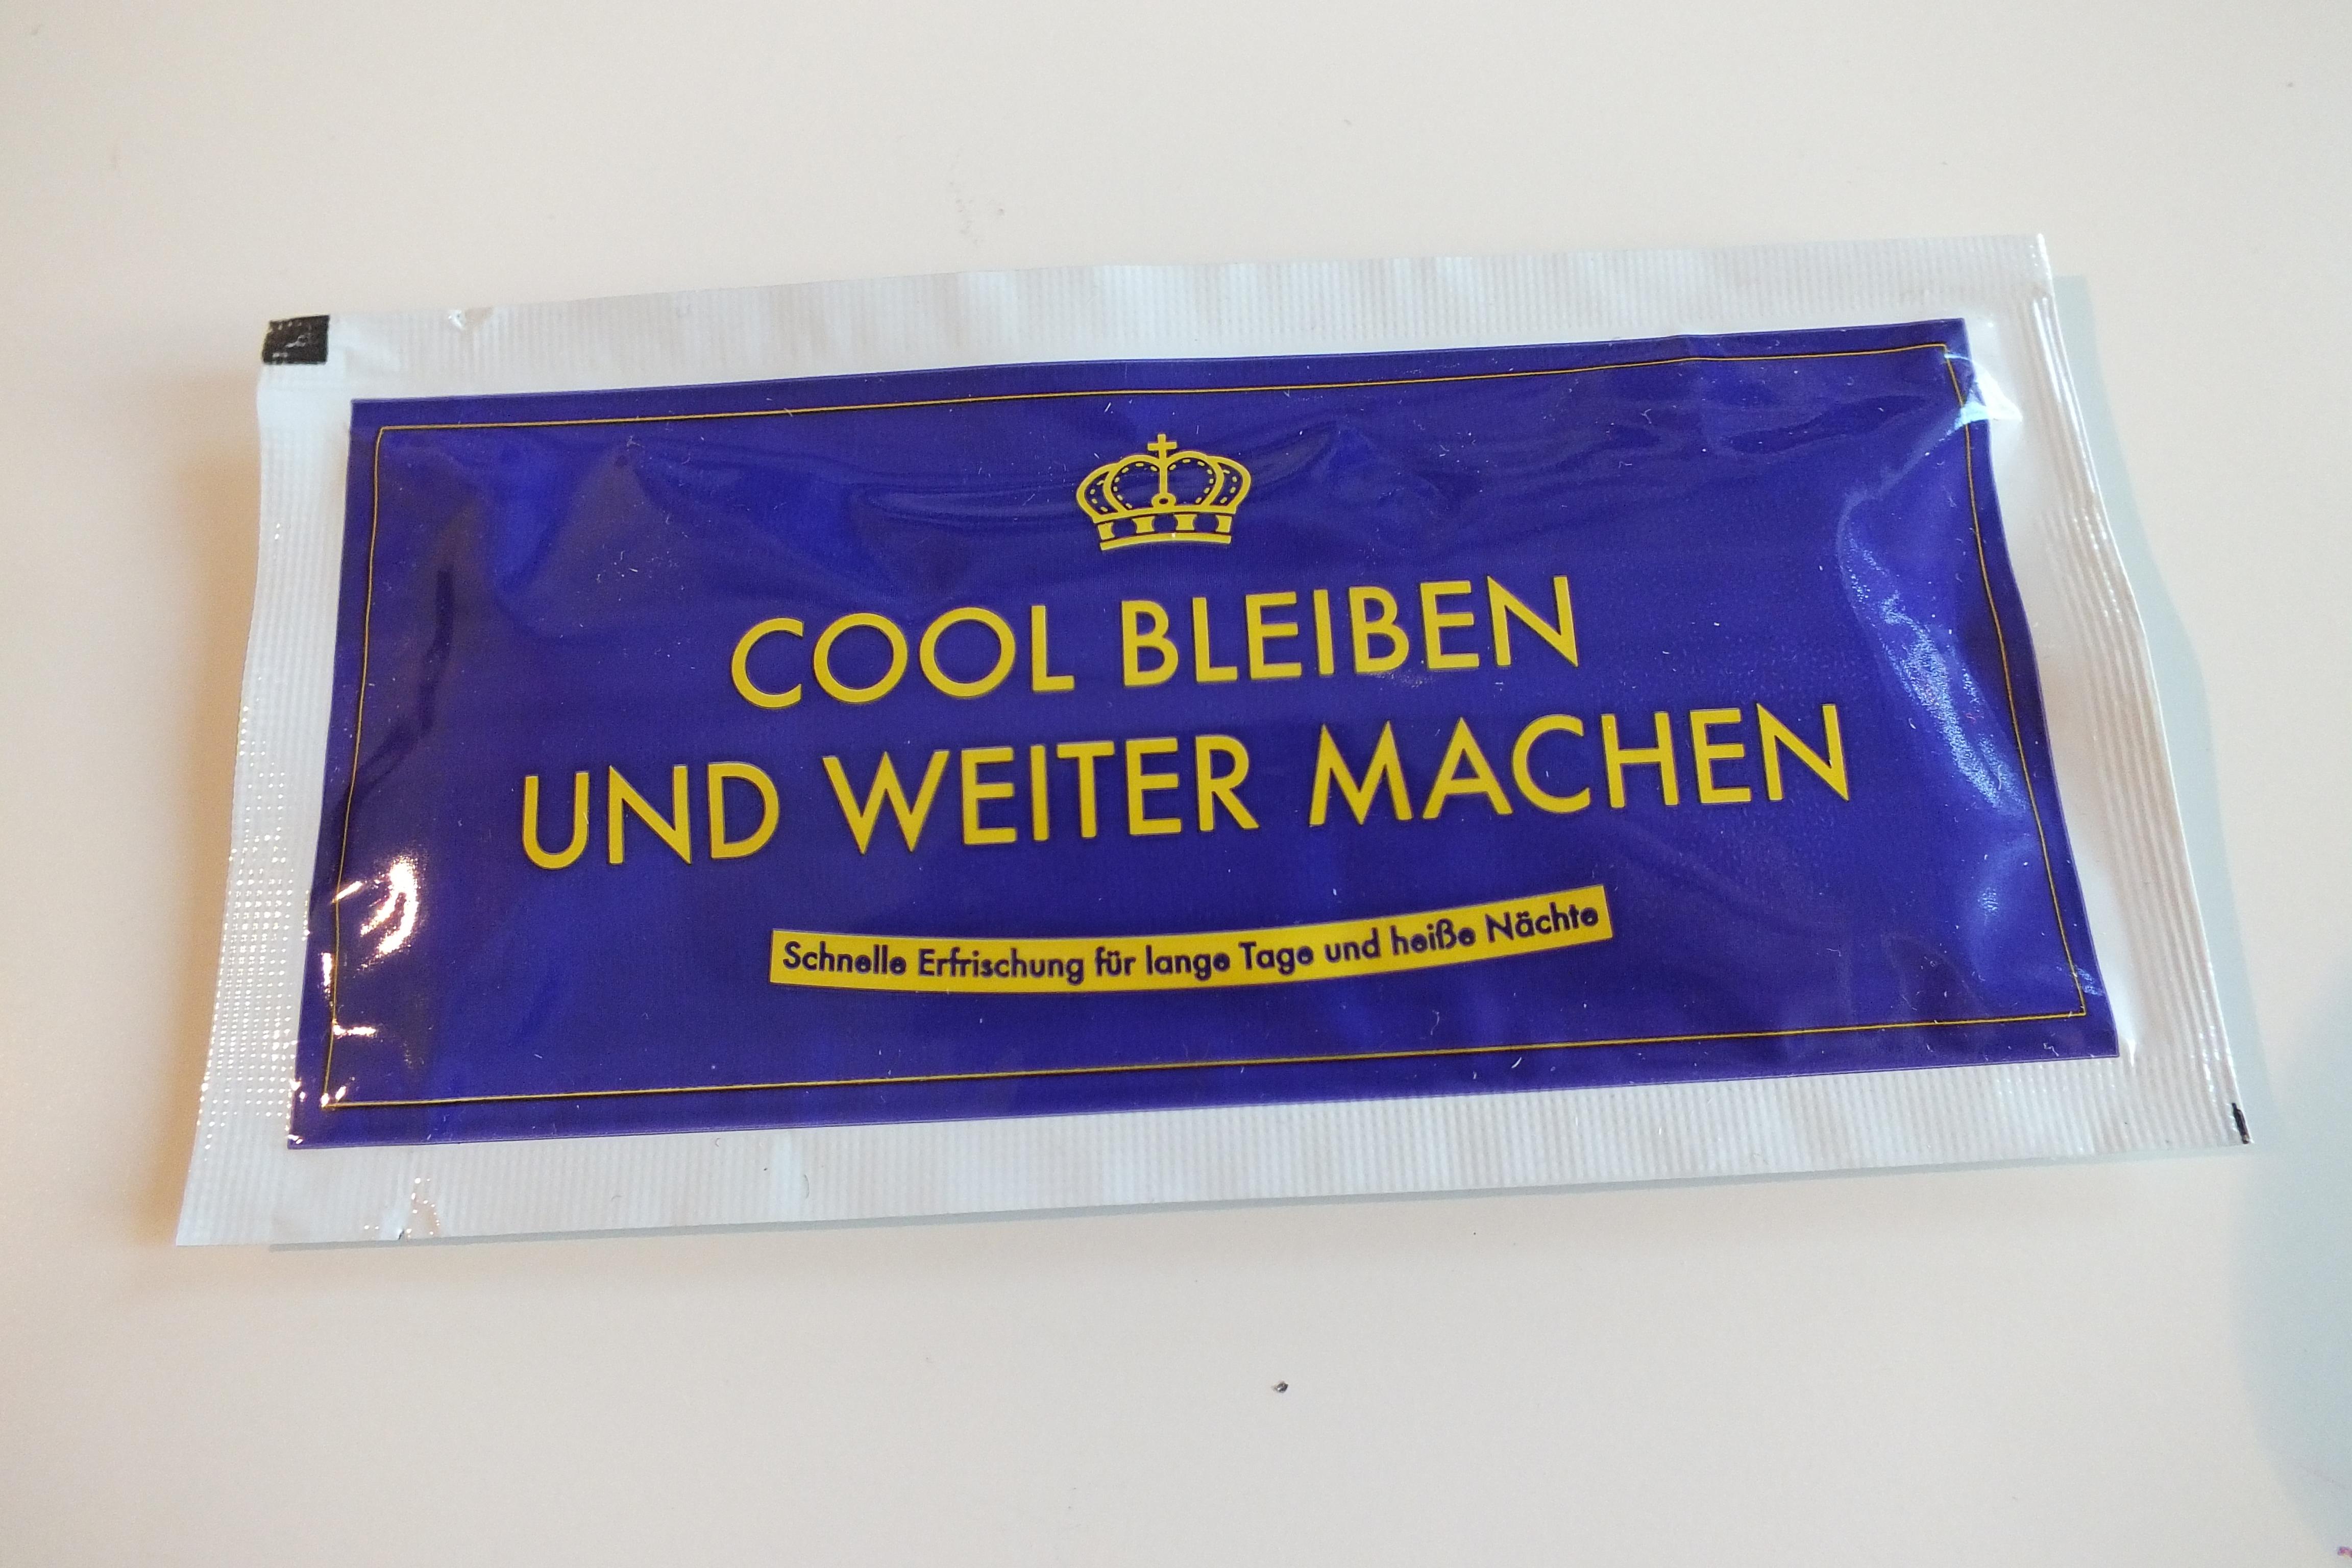 Ausgefallenkleineaufmerksamkeiten - Erfrischungstuch Cool bleiben - Onlineshop Tante Emmer